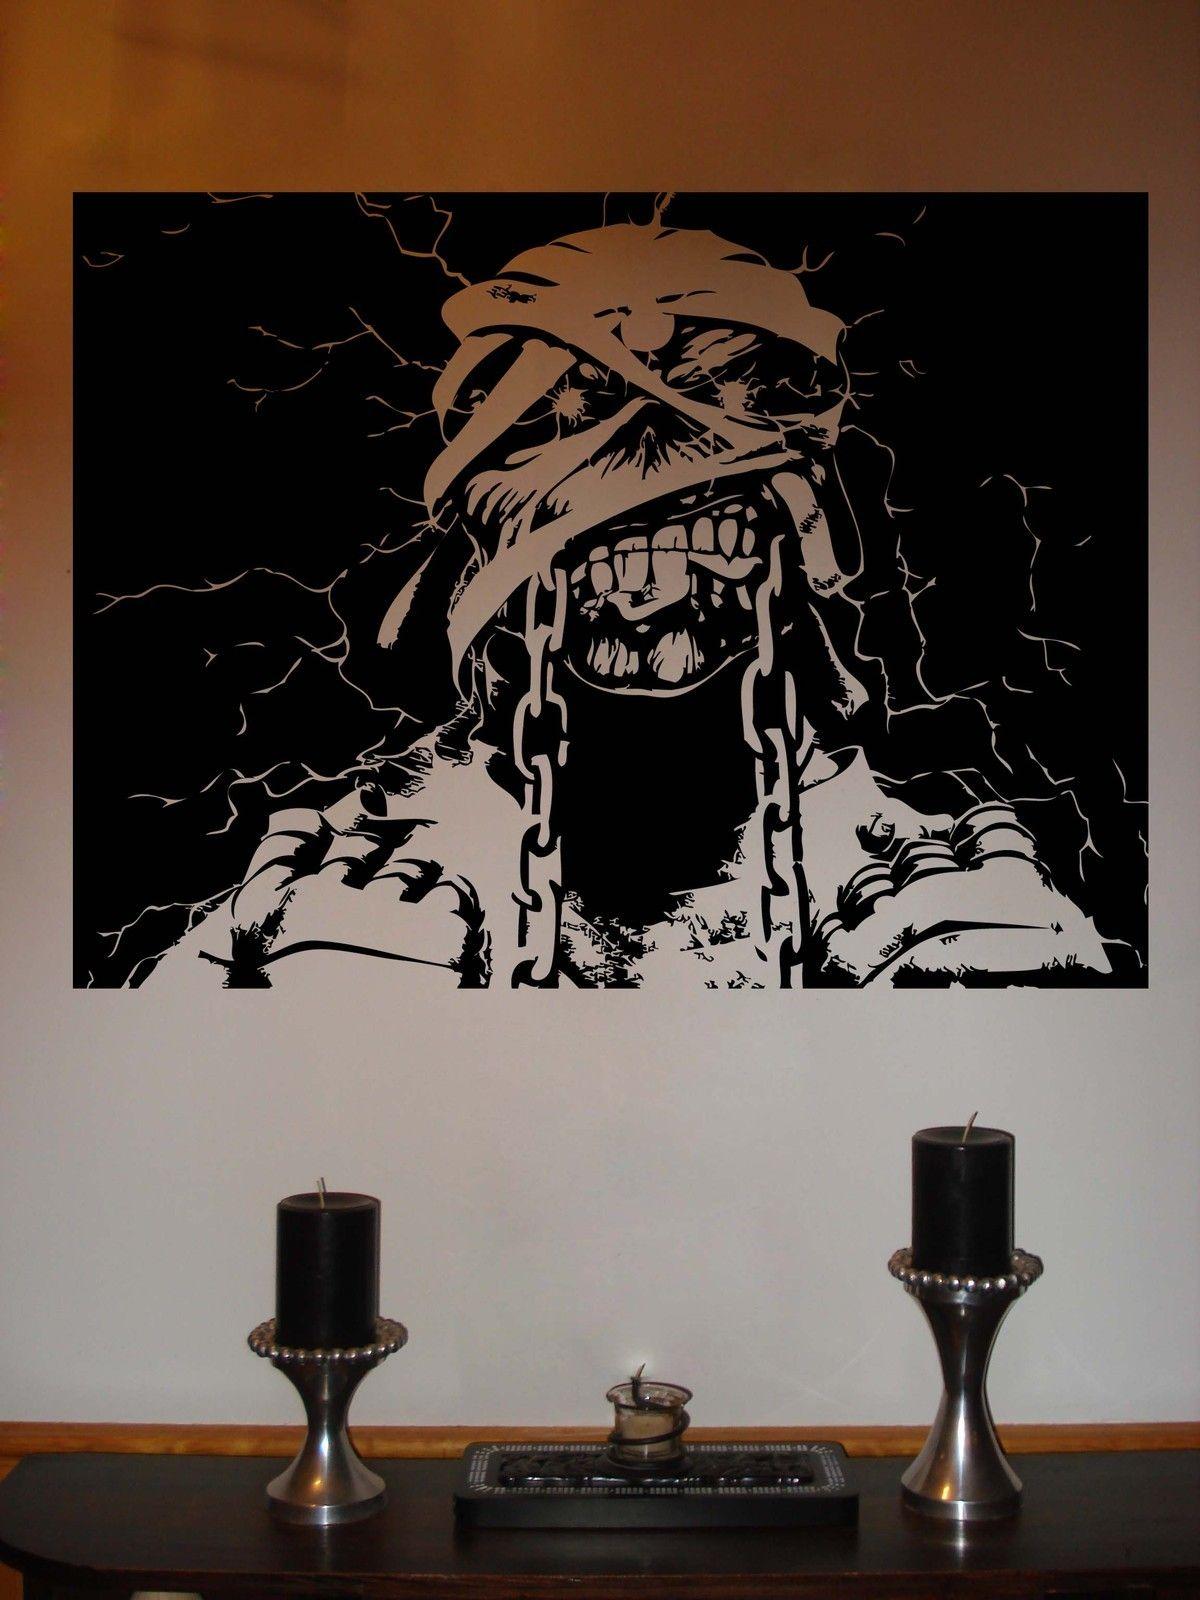 ebay iron maiden eddie powerslave metal music vinyl wall sticker ebay iron maiden eddie powerslave metal music vinyl wall sticker decal